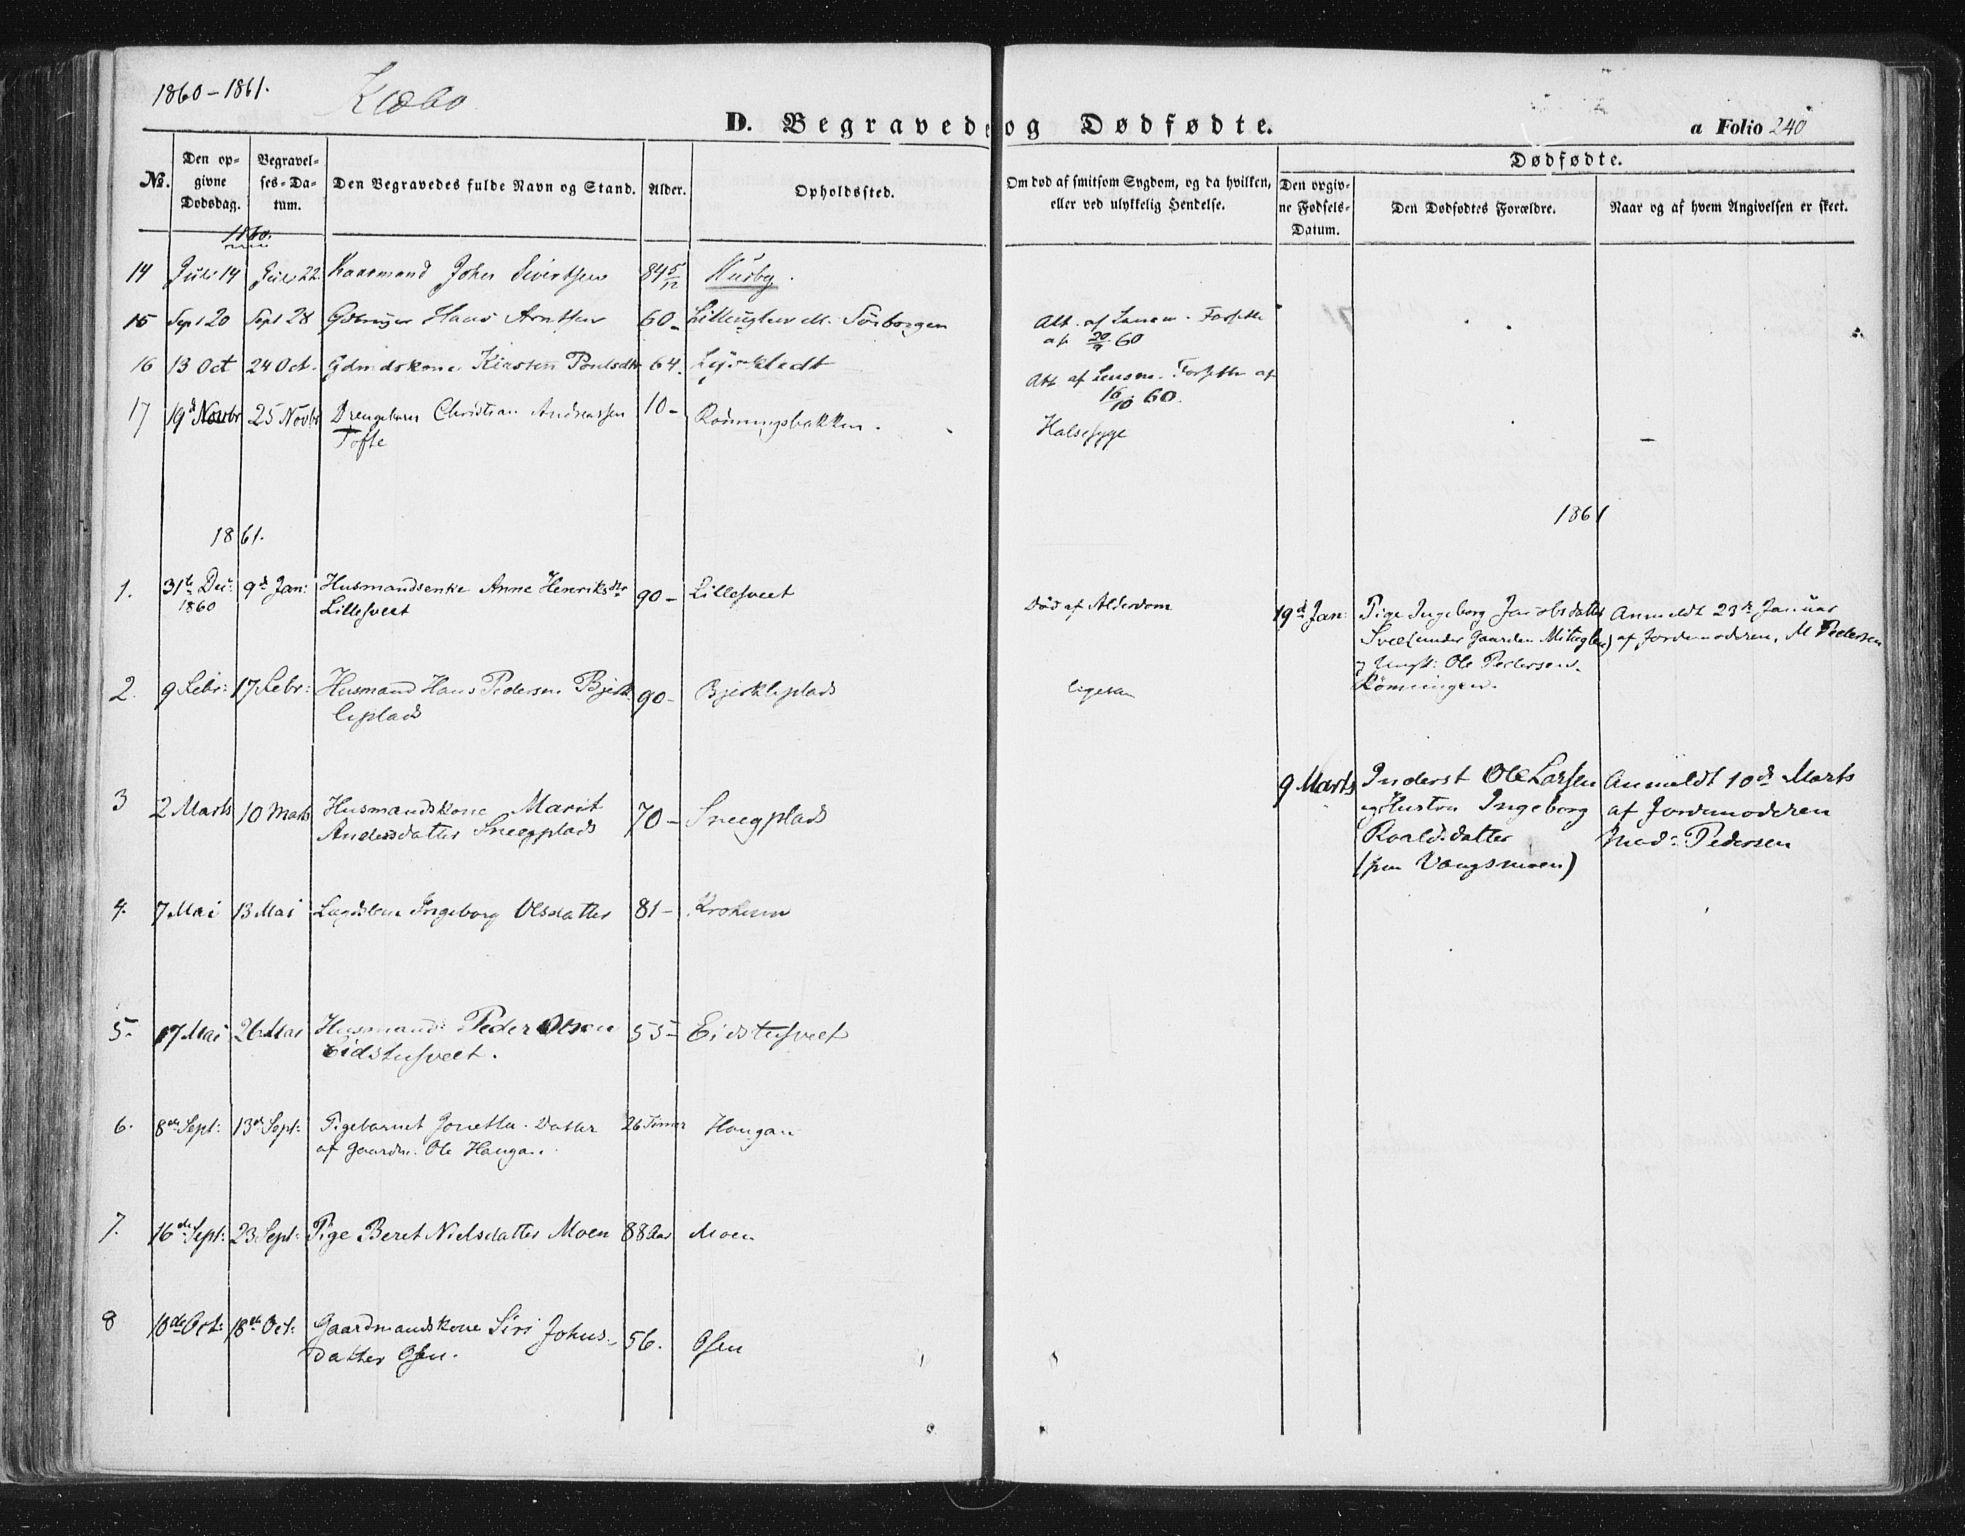 SAT, Ministerialprotokoller, klokkerbøker og fødselsregistre - Sør-Trøndelag, 618/L0441: Ministerialbok nr. 618A05, 1843-1862, s. 240